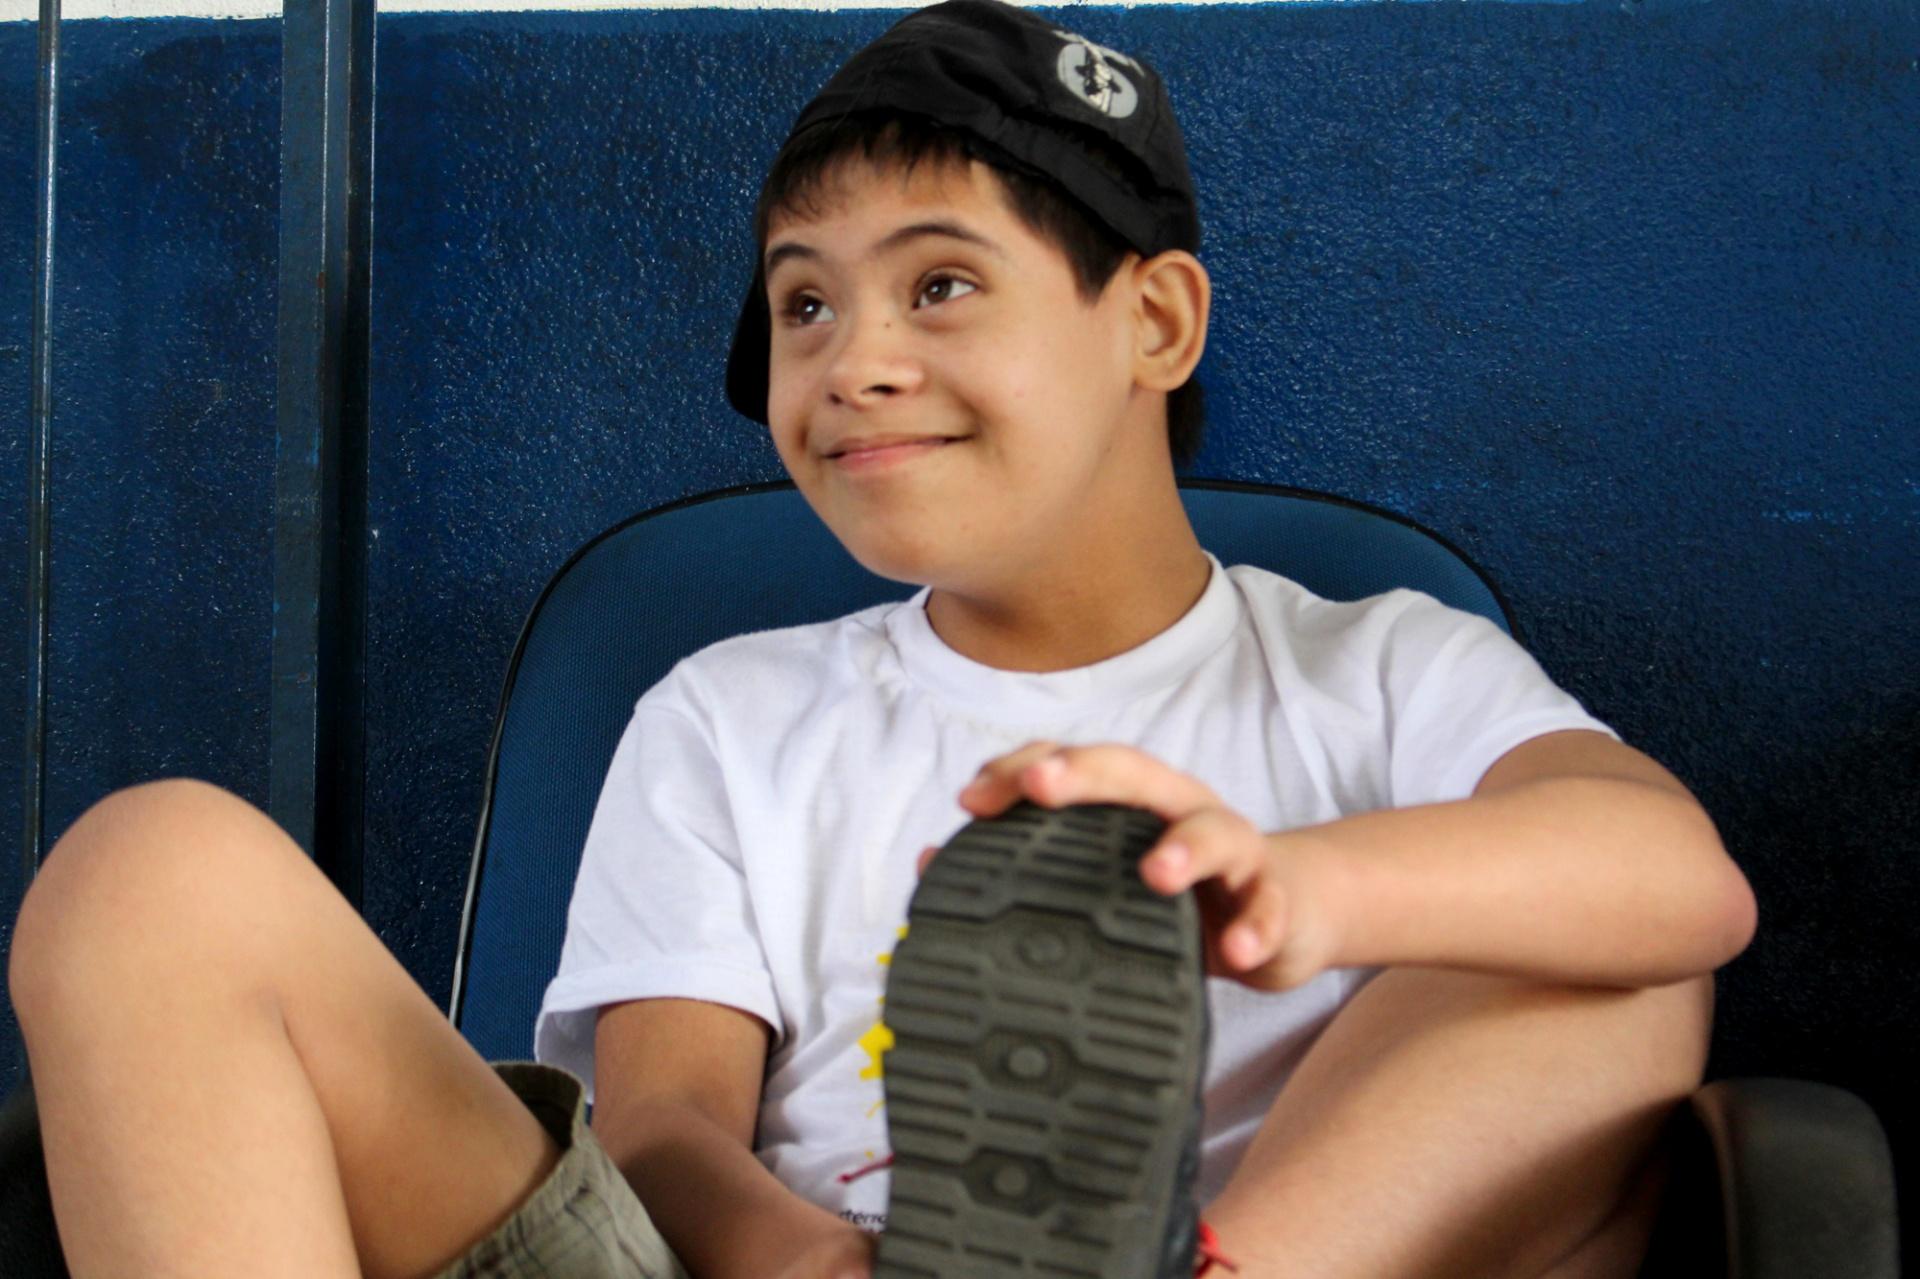 Foto de un niño con síndrome de Down, que está sonriendo y mirando hacia arriba. Él está sentado en una silla azul, frente a una pared también de color azul. El niño lleva una camiseta blanca y pantalones cortos de color gris, así como una gorra negra, girada hacia un lado. Su pie izquierdo está sobre la silla, y él lo agarra con su mano izquierda. Foto: Carlos Palácio